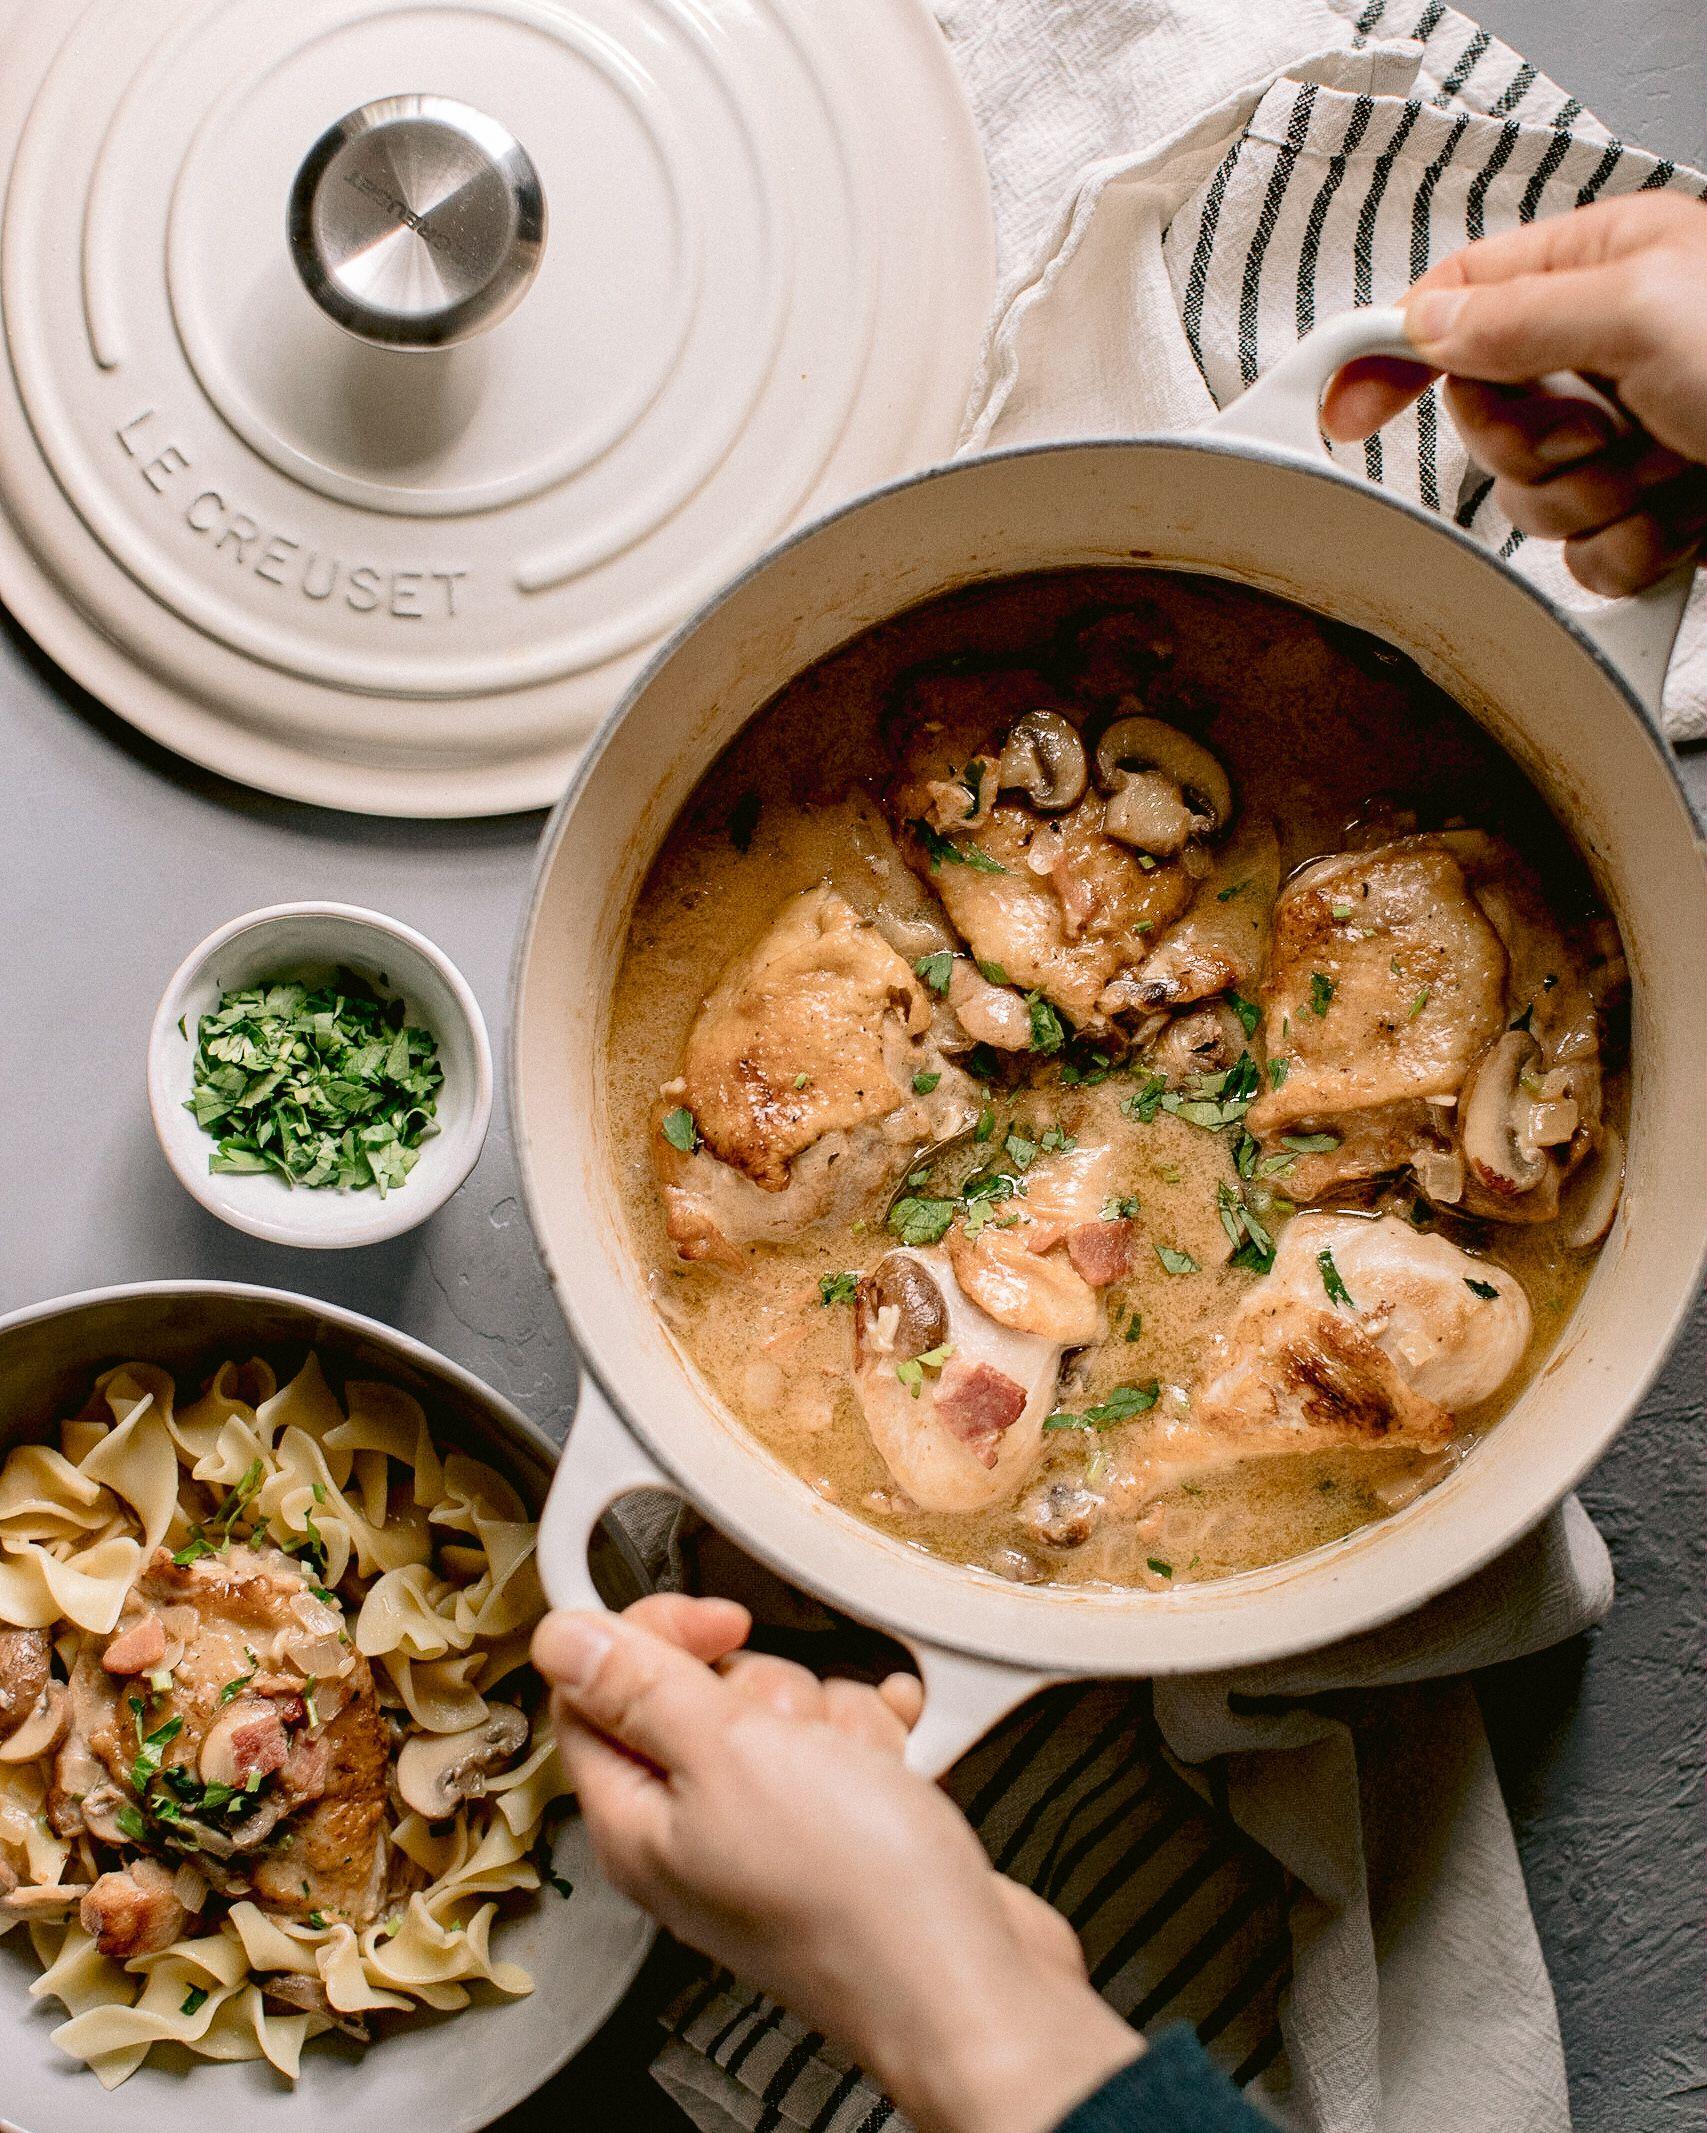 Coq Au Vin Blanc With Images Coq Au Vin Dinner Recipes Le